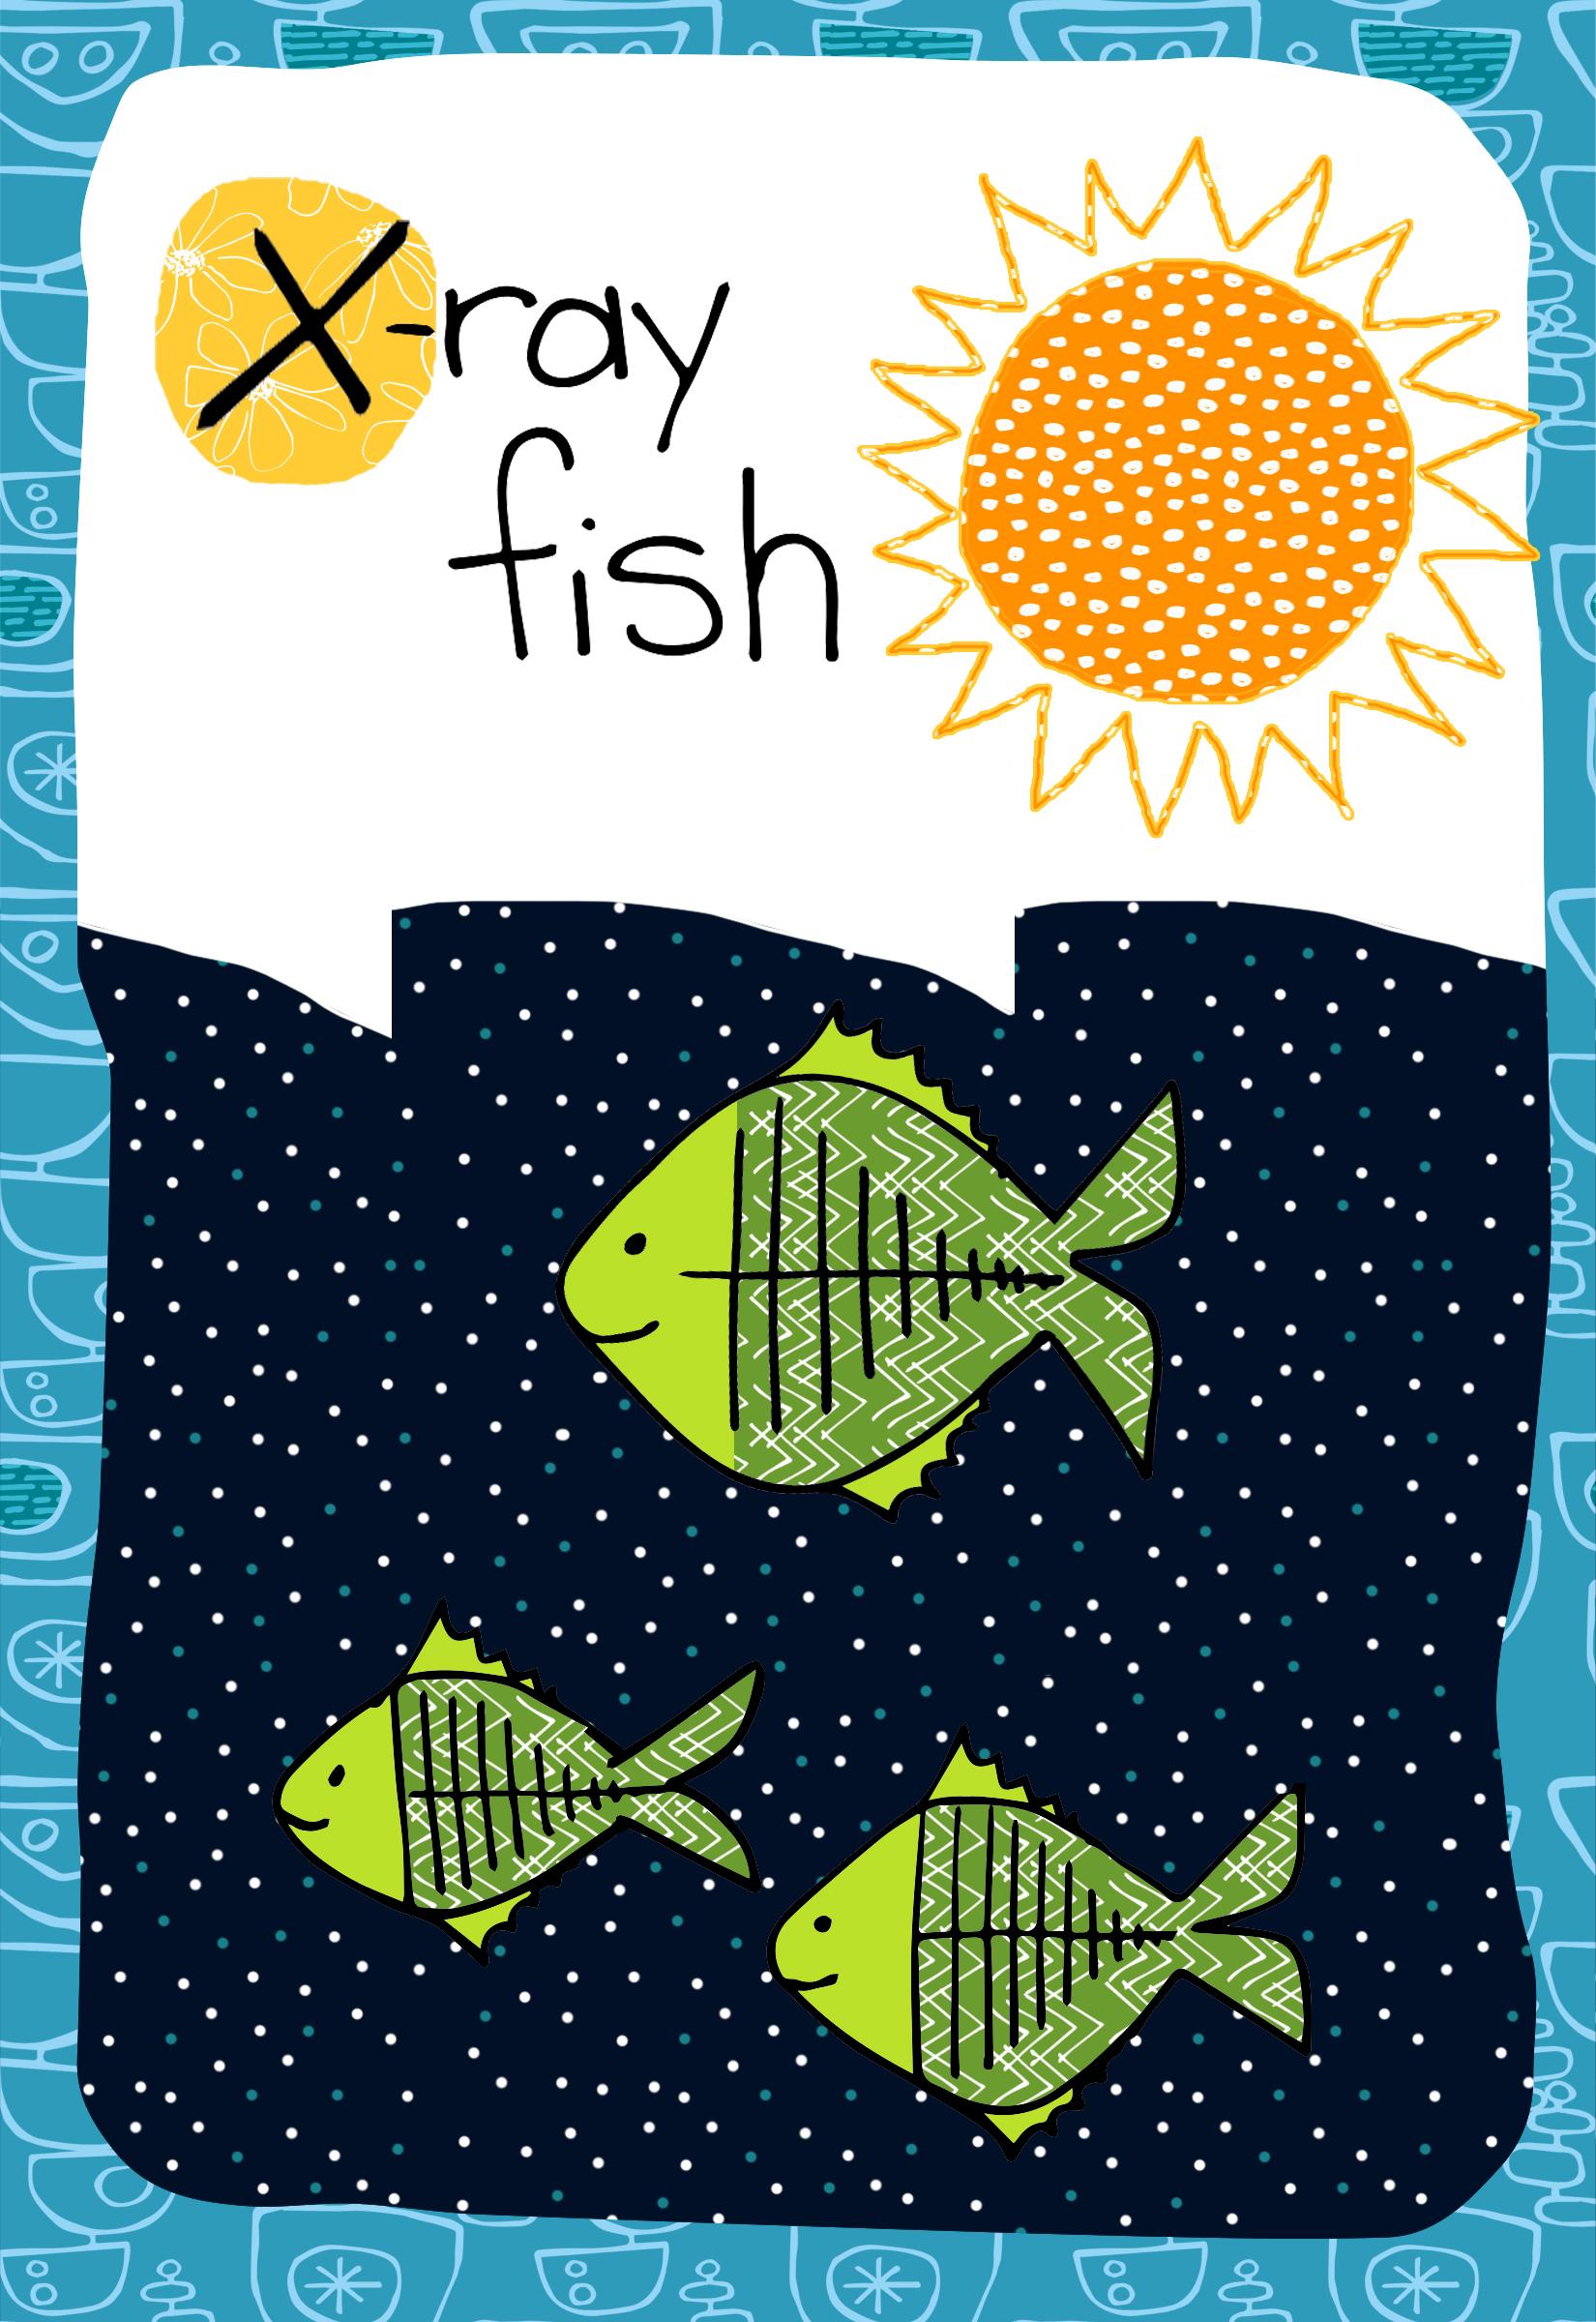 xray fish.jpg